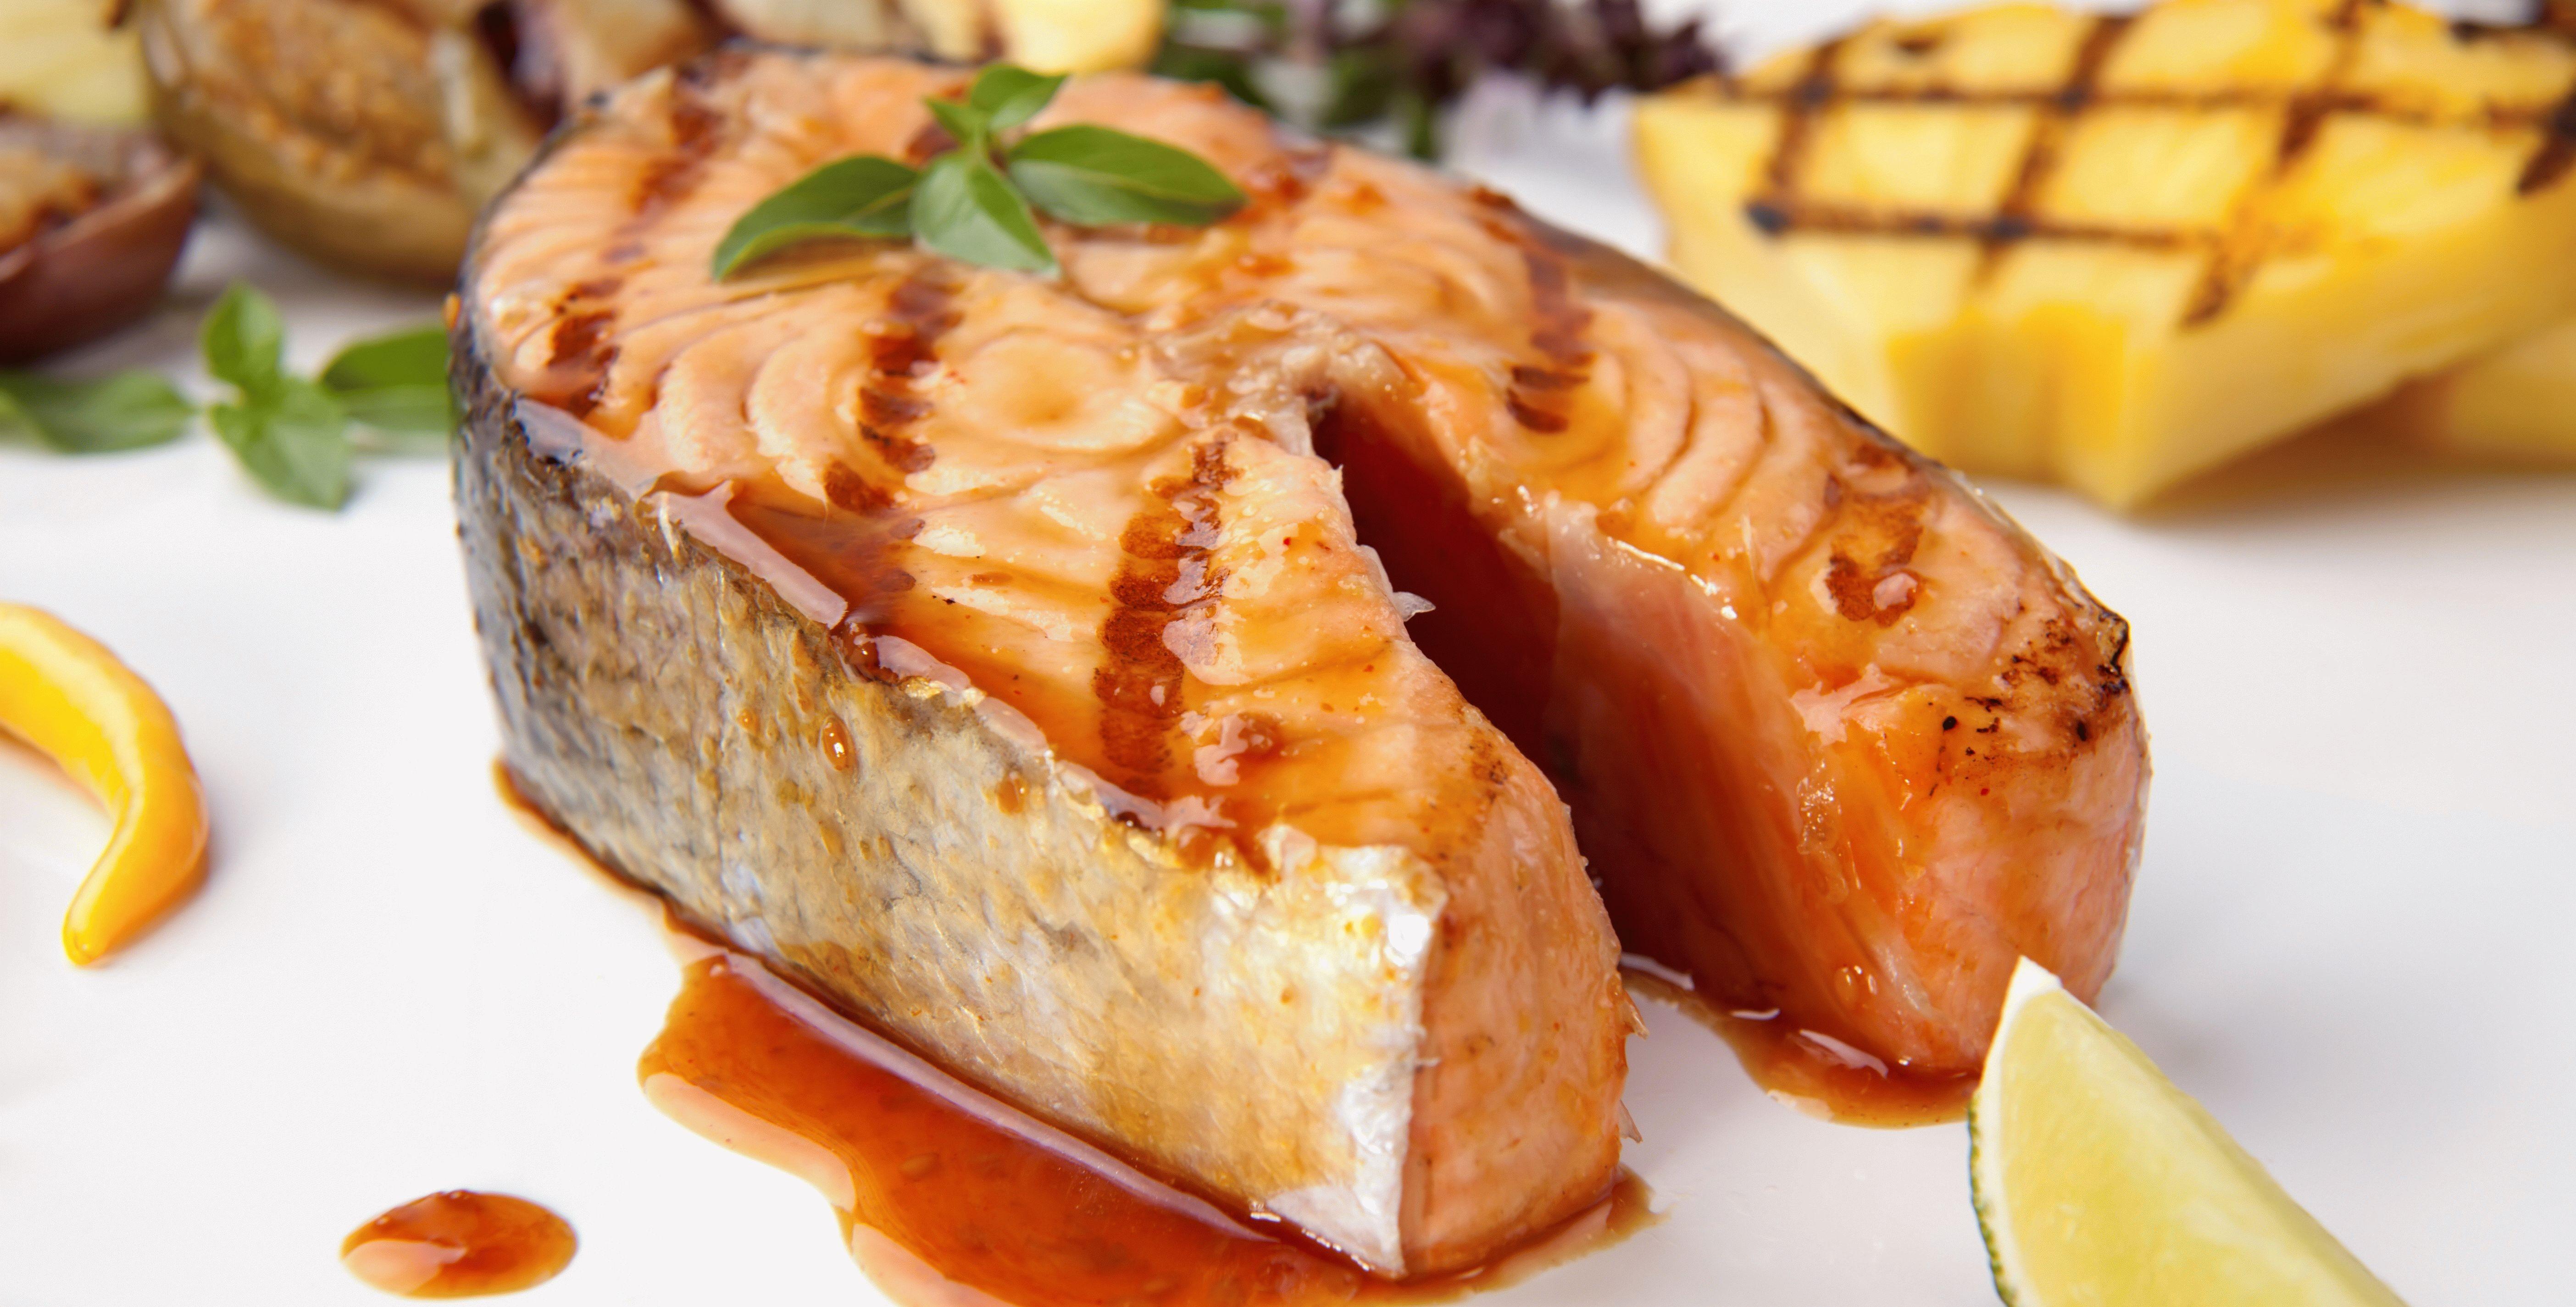 Ученые Употребление рыбы в пищу может спровоцировать развитие рака